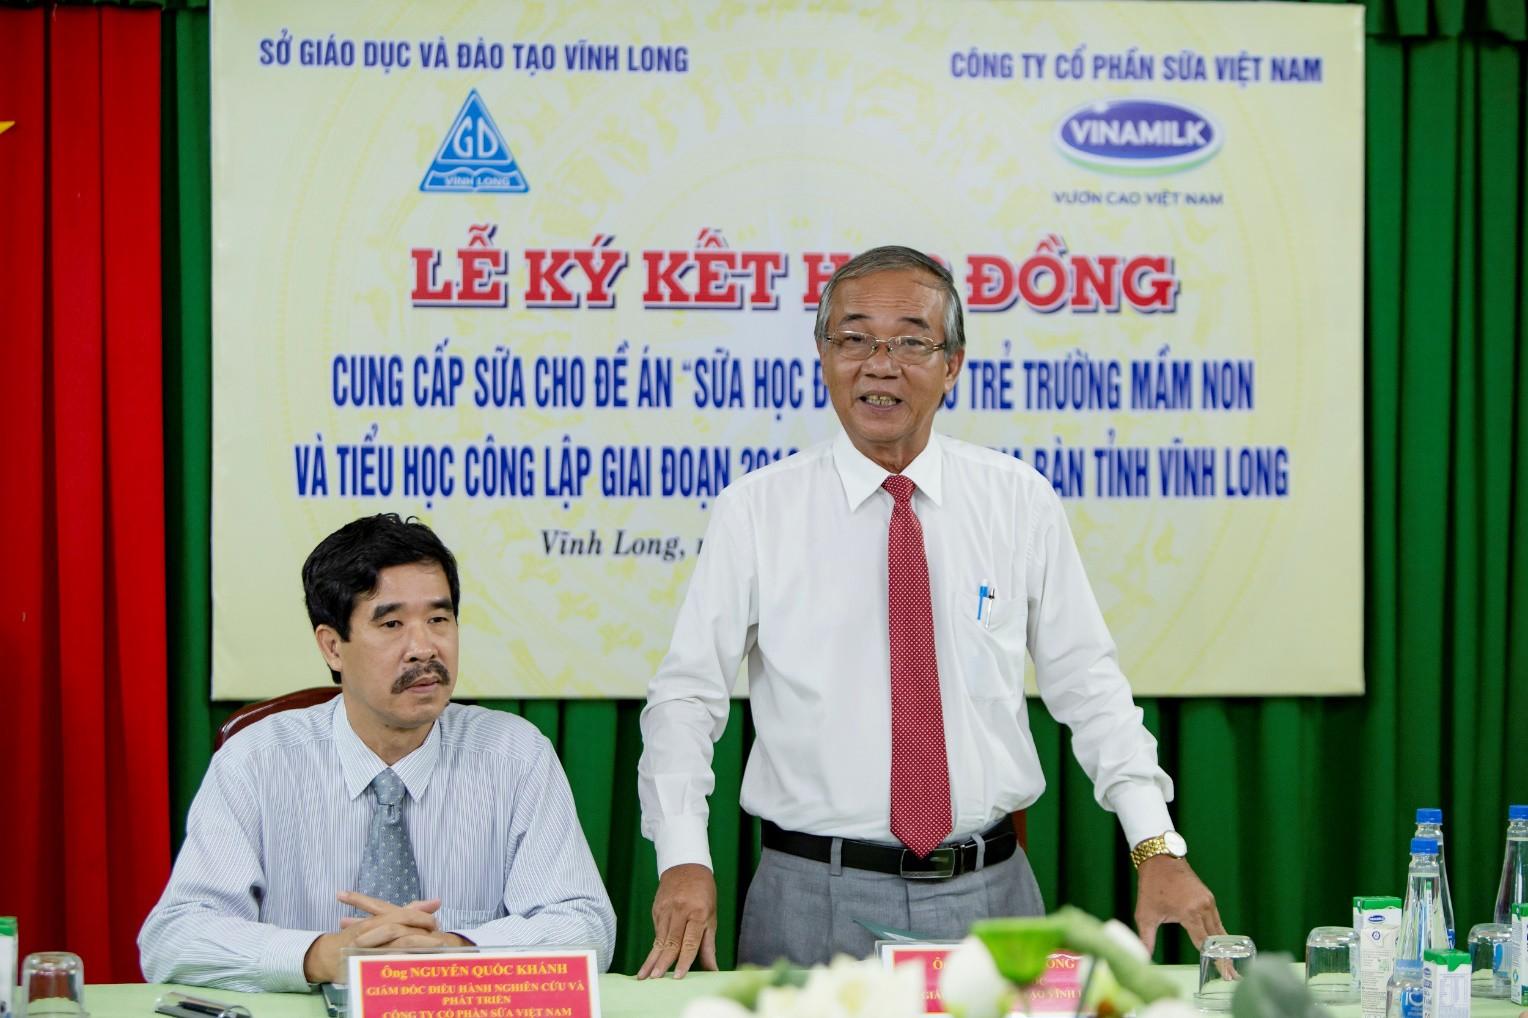 Chương trình sữa học đường chính thức đến với học sinh tỉnh Vĩnh Long - Ảnh 3.